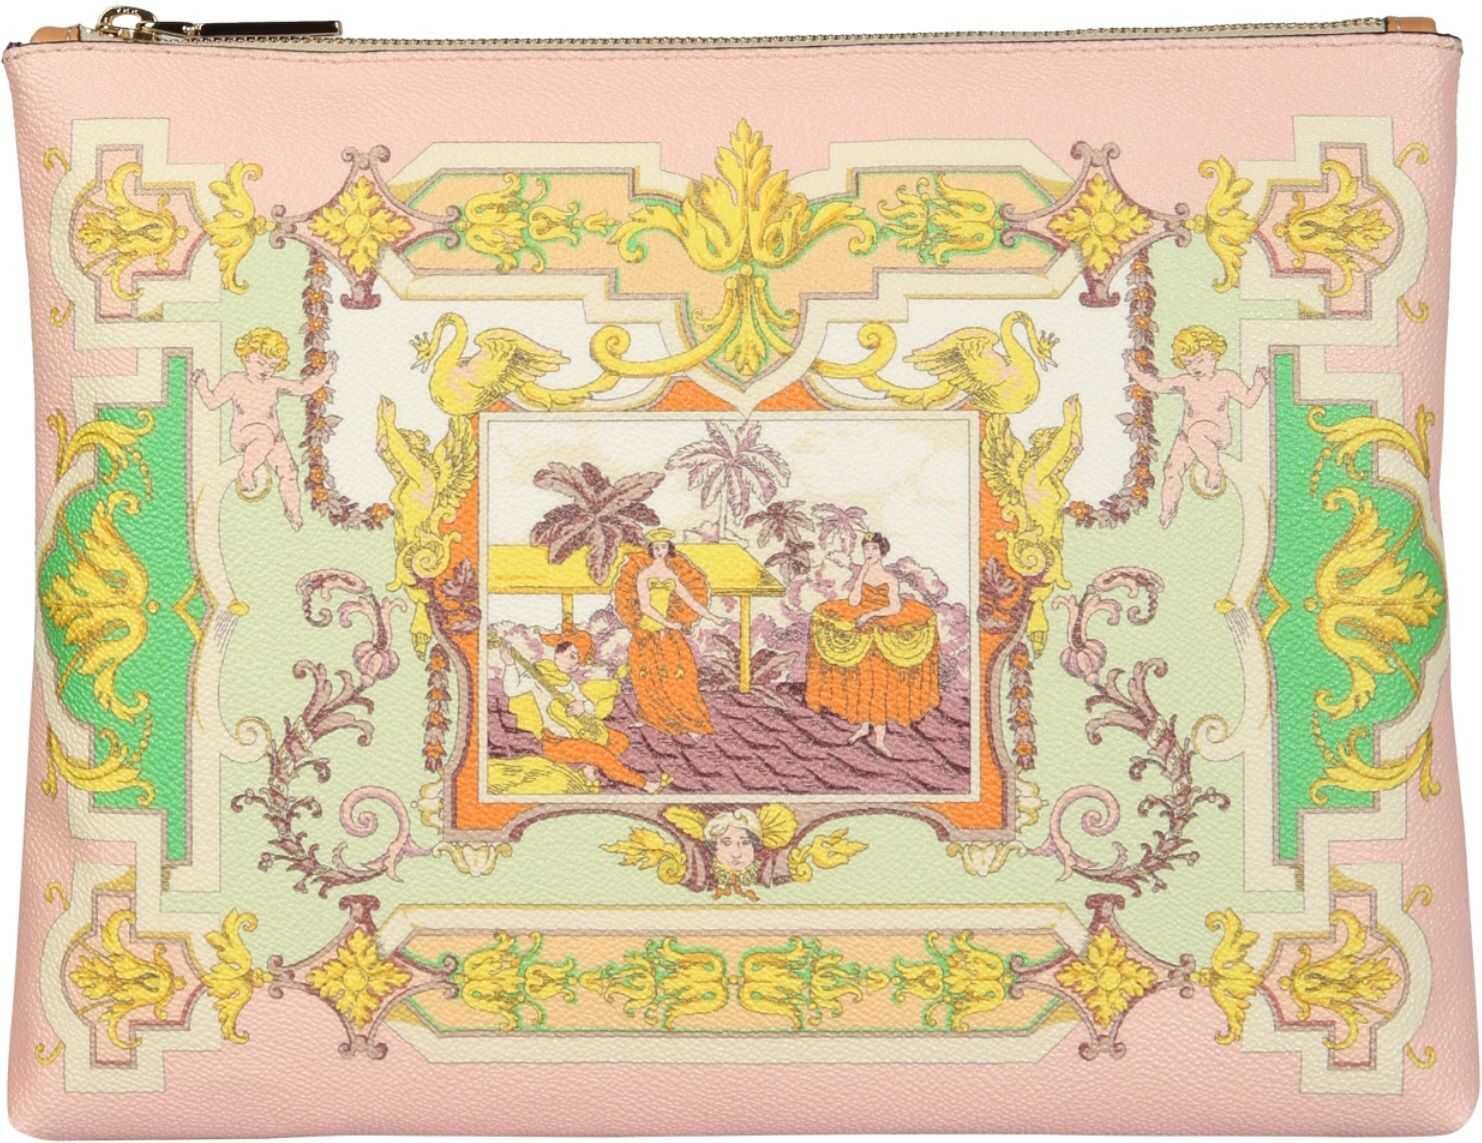 ETRO Coated Canvas Clutch 1E579_25190650 MULTICOLOUR imagine b-mall.ro